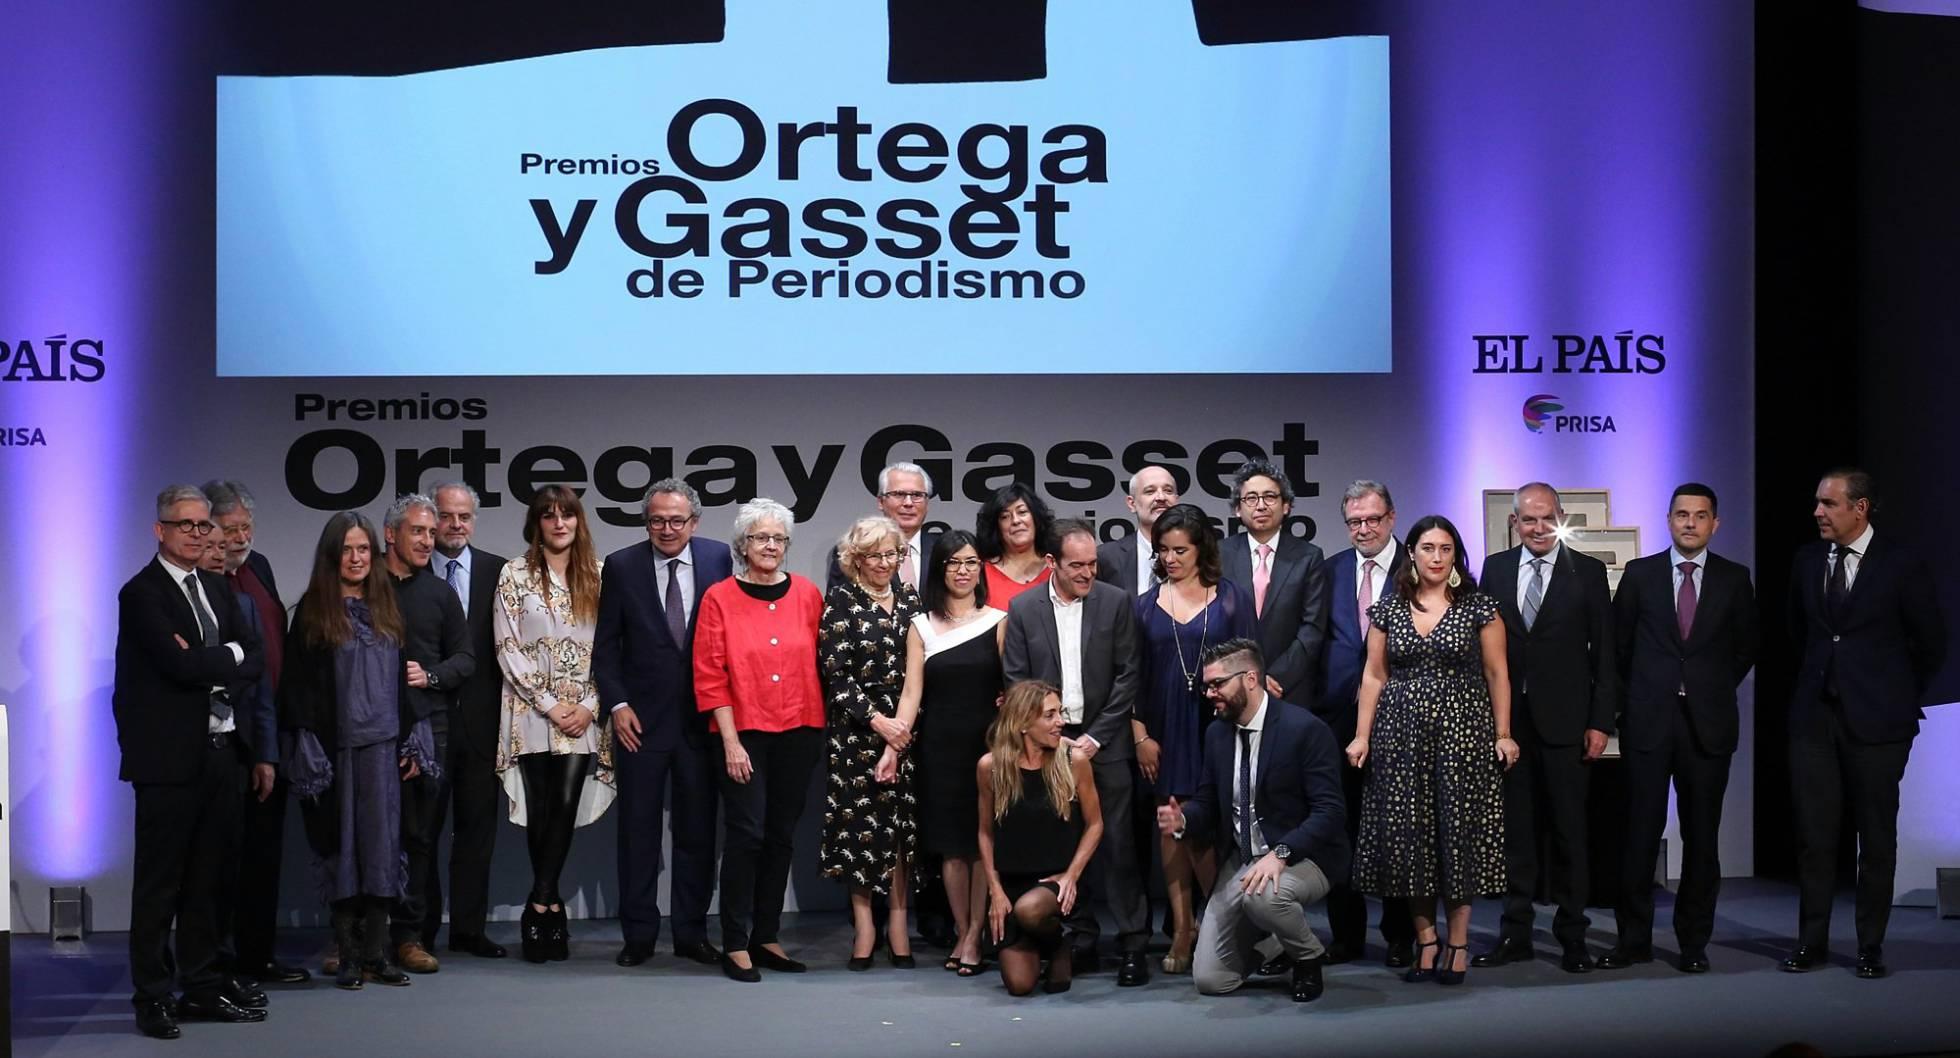 Premio ortega y gasset fotografia 25